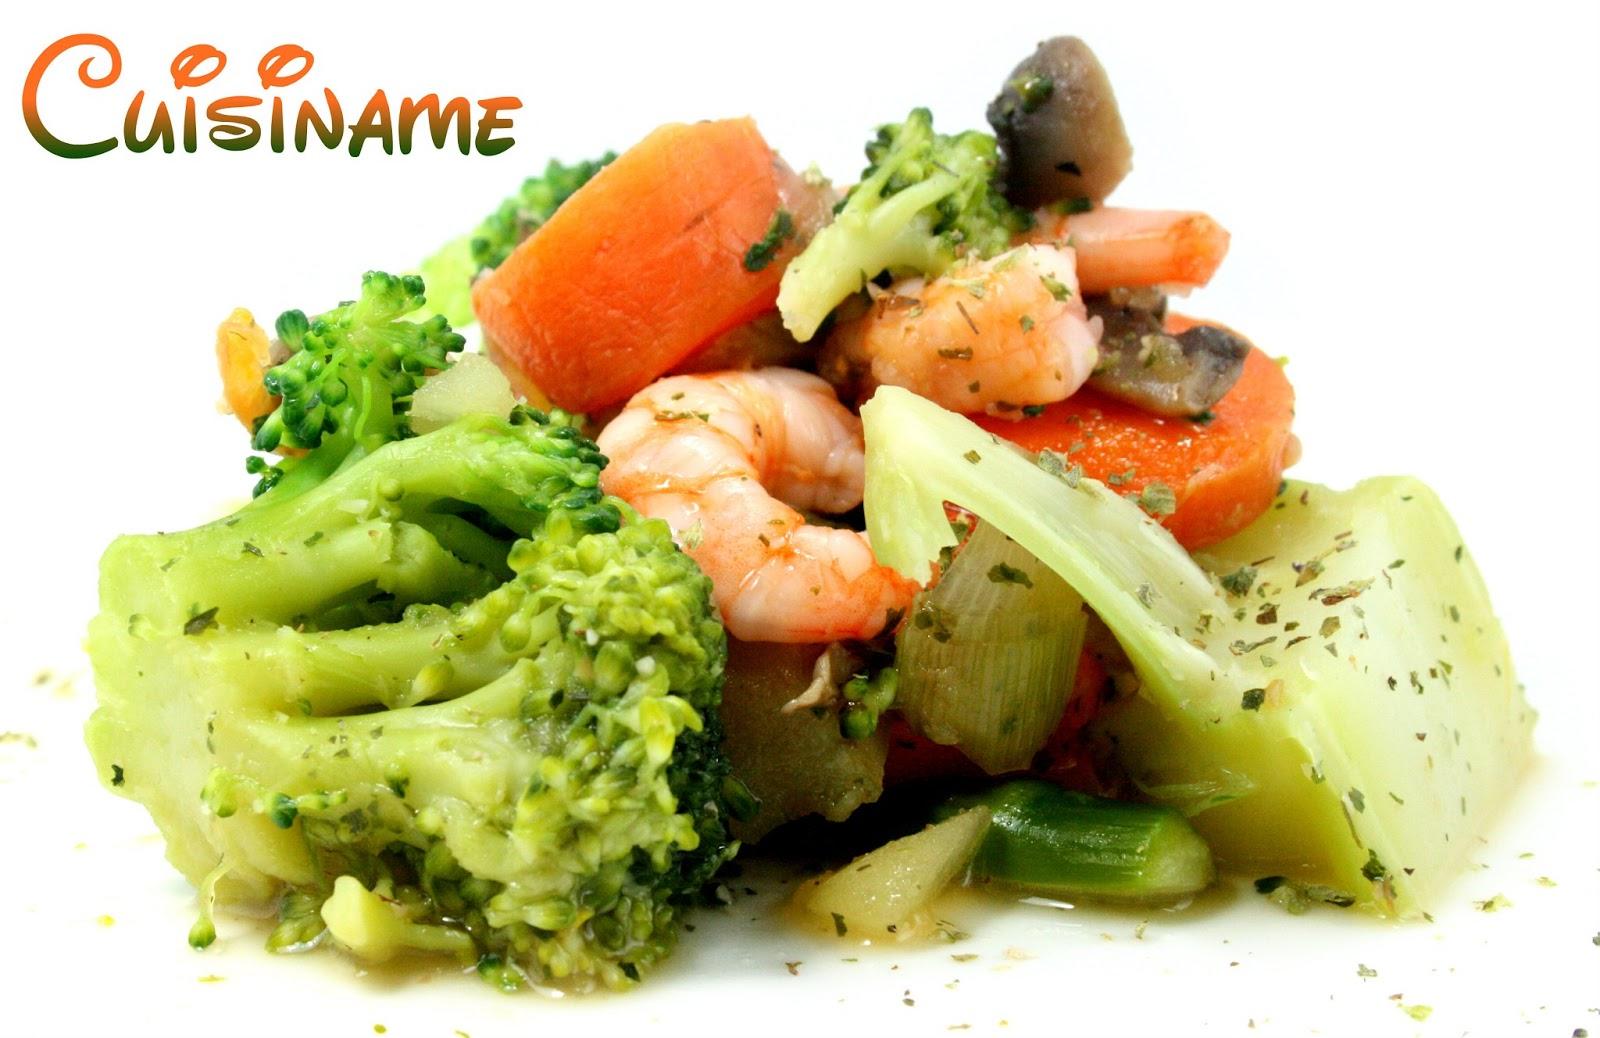 recetas de cocina cuis name